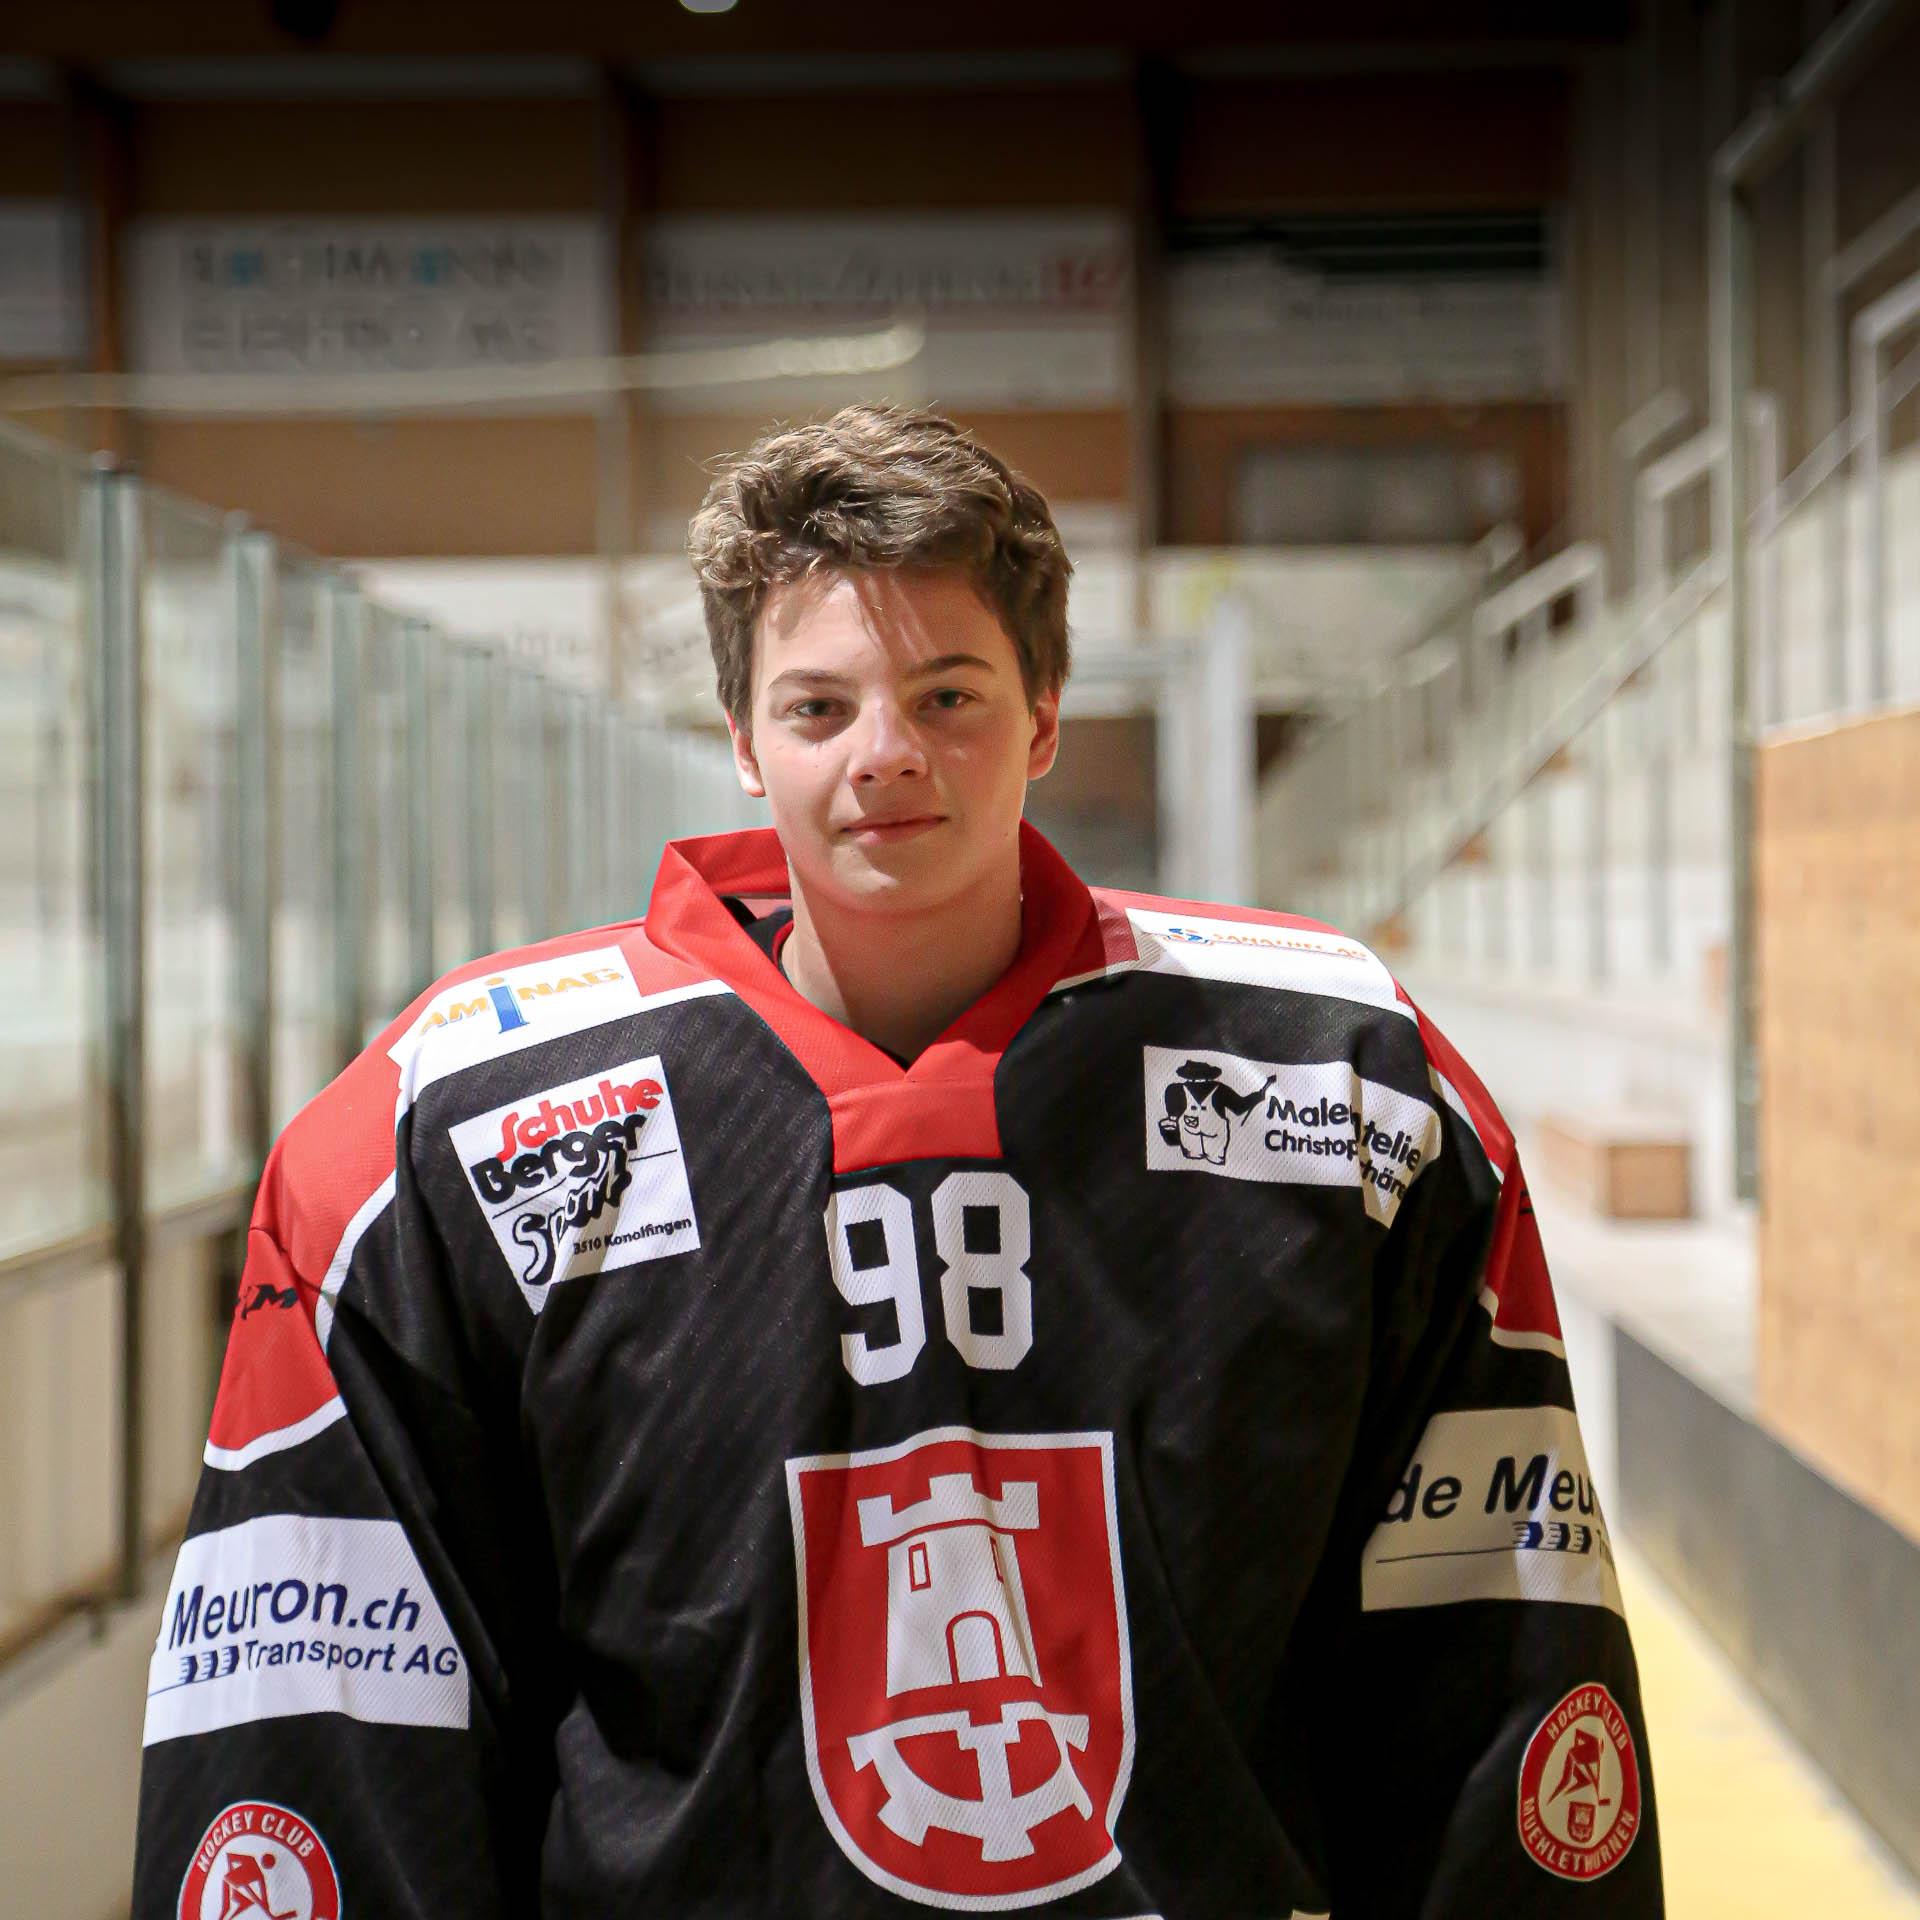 Dorian Tschirren